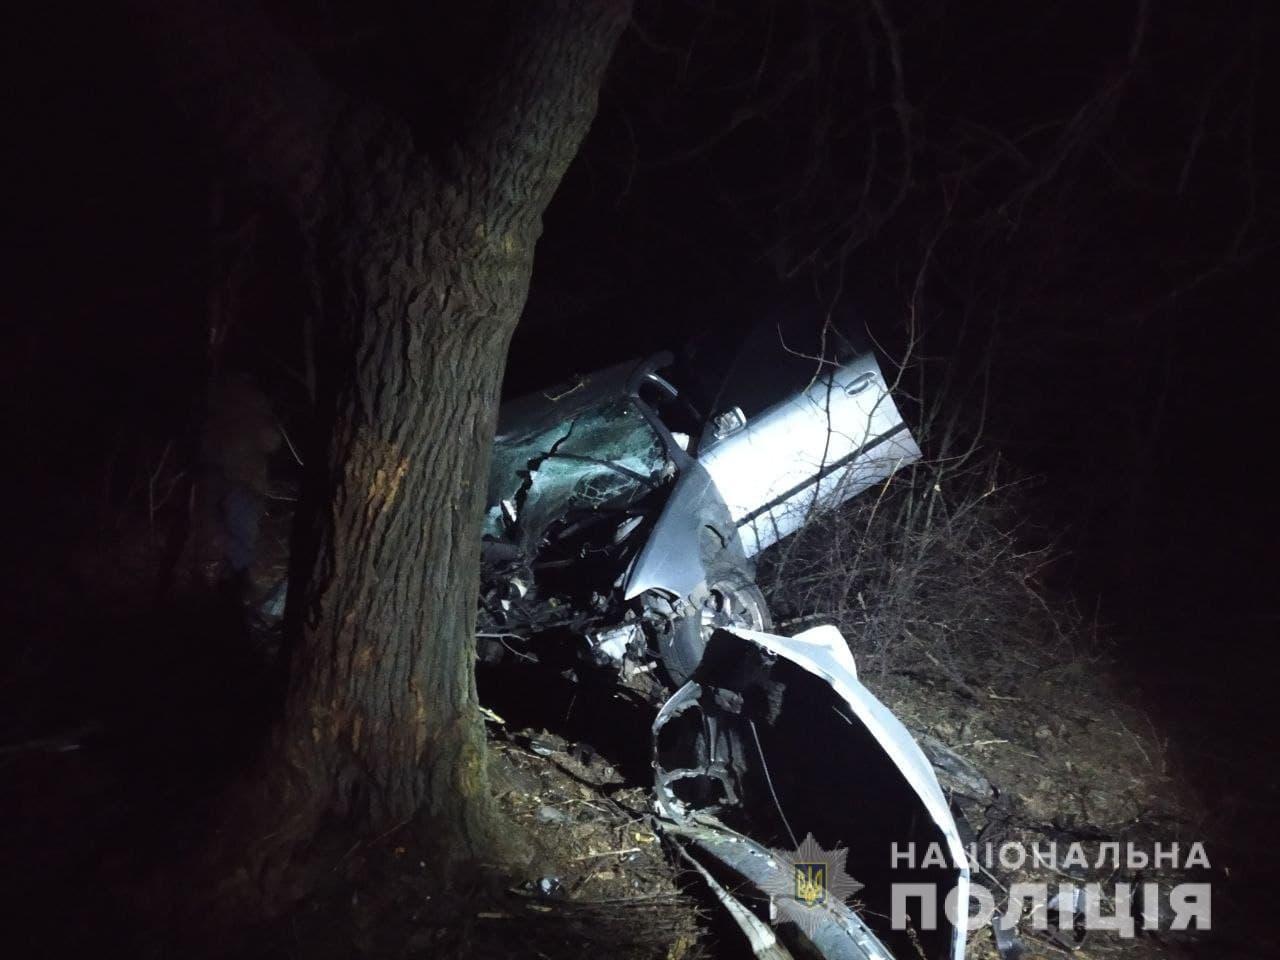 На трассе Одесса-Кучурганы произошло смертельное ДТП, - ФОТО, фото-1